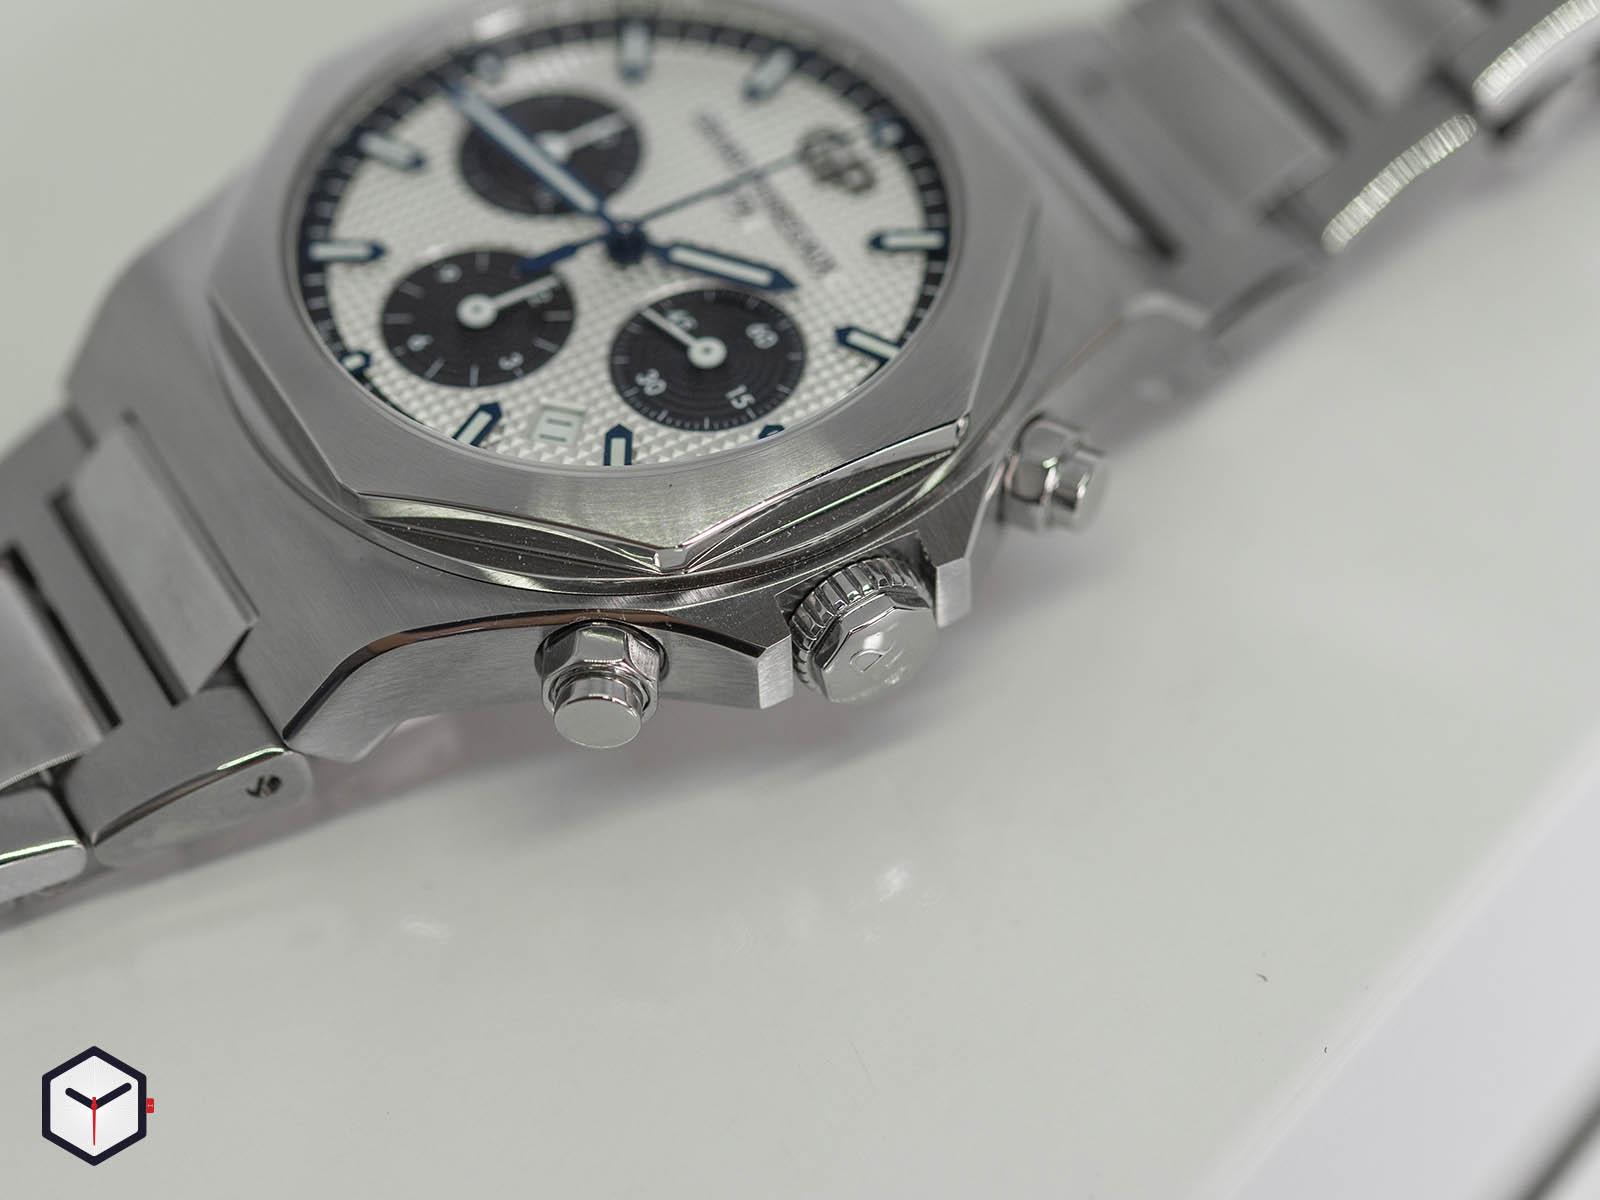 81020-11-131-11a-girard-perregaux-laureato-chronograph-42mm-3.jpg